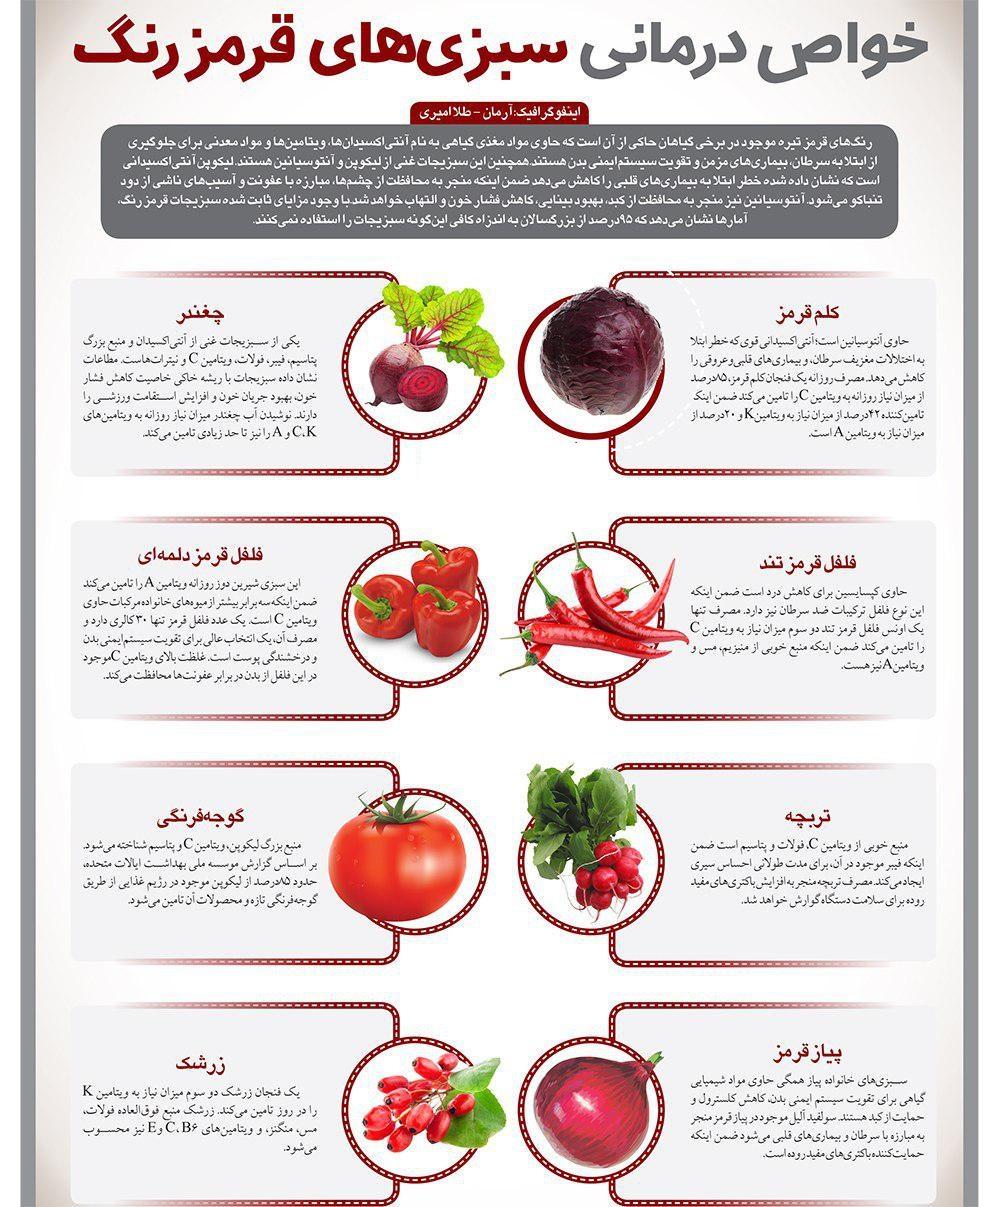 سبزیجاتی خوش خوش رنگ و لعابی که شما را در برابر سرطان واکسینه می کنند+ اینفوگرافی